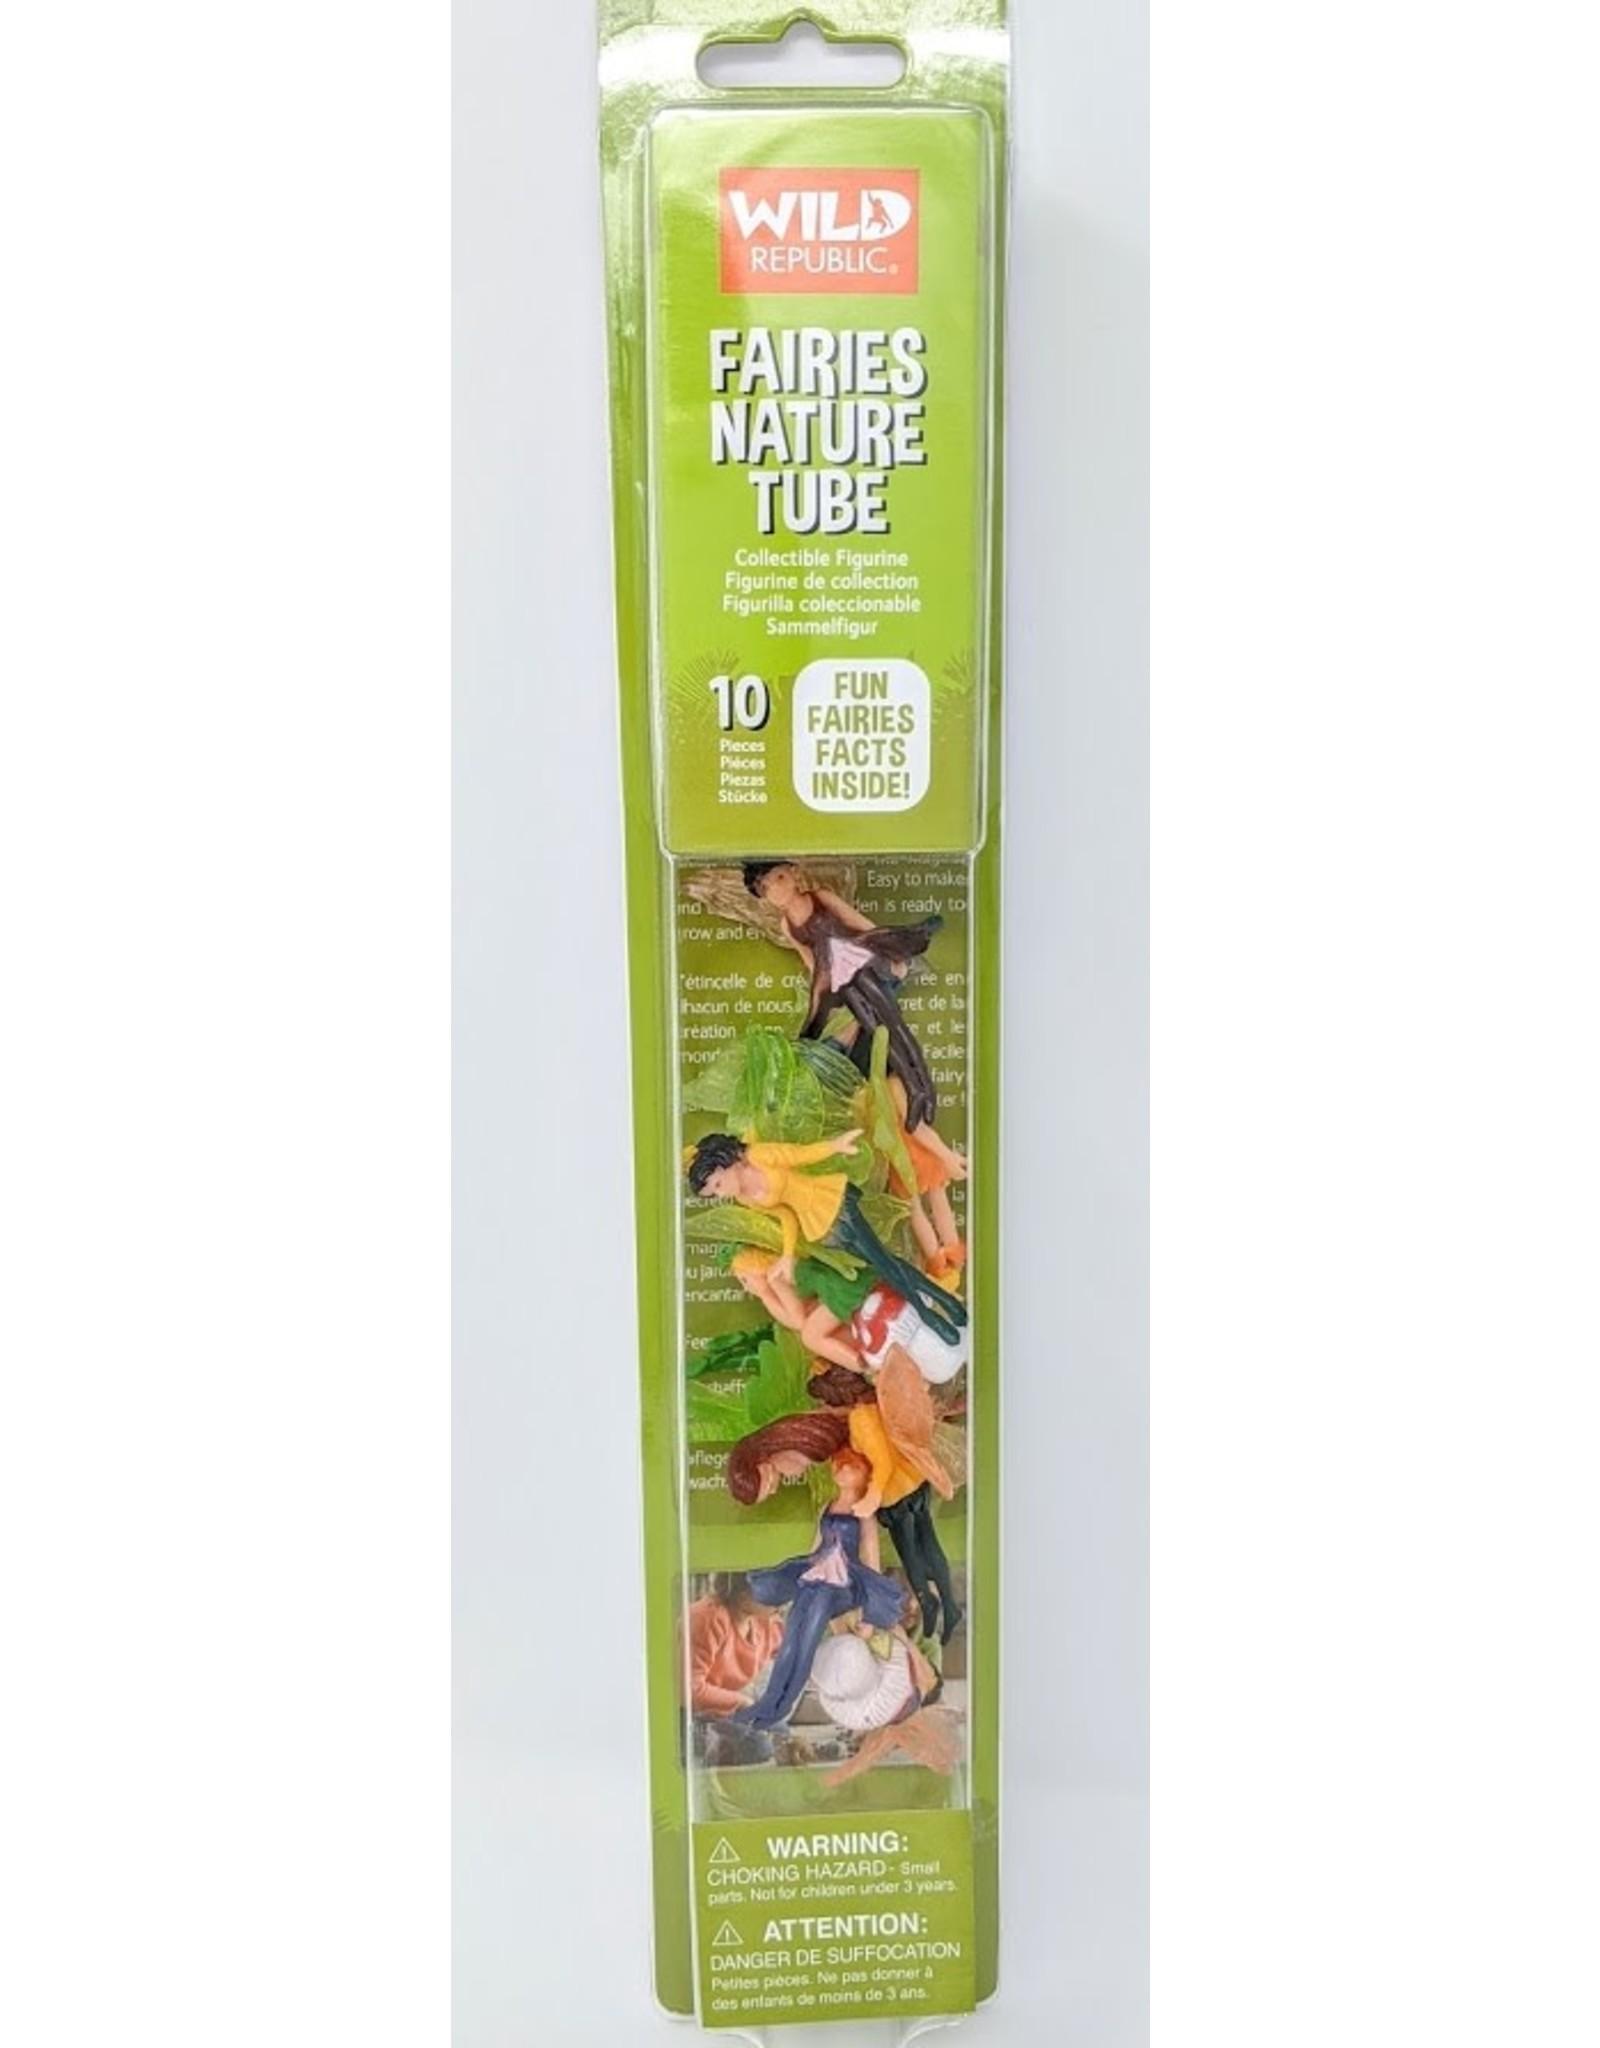 Wild Republic Fairies Nature Tube